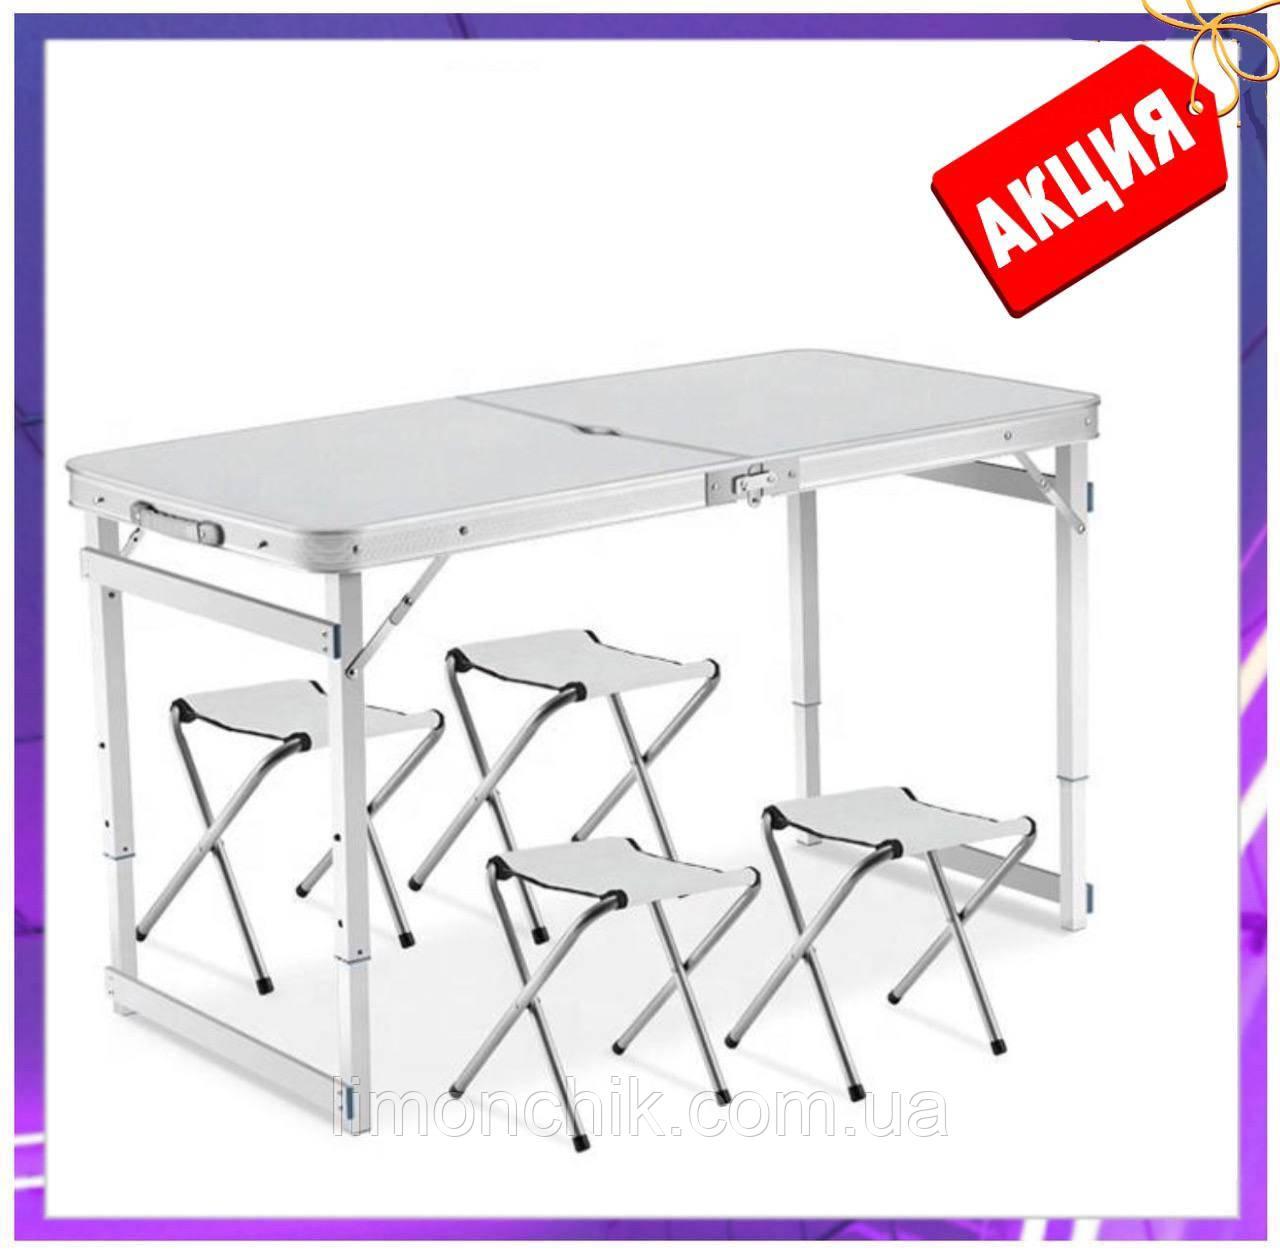 Туристичний розкладний стіл для пікніка ПОСИЛЕНИЙ алюмінієвий набір стіл і стільці валізу для кемпінгу